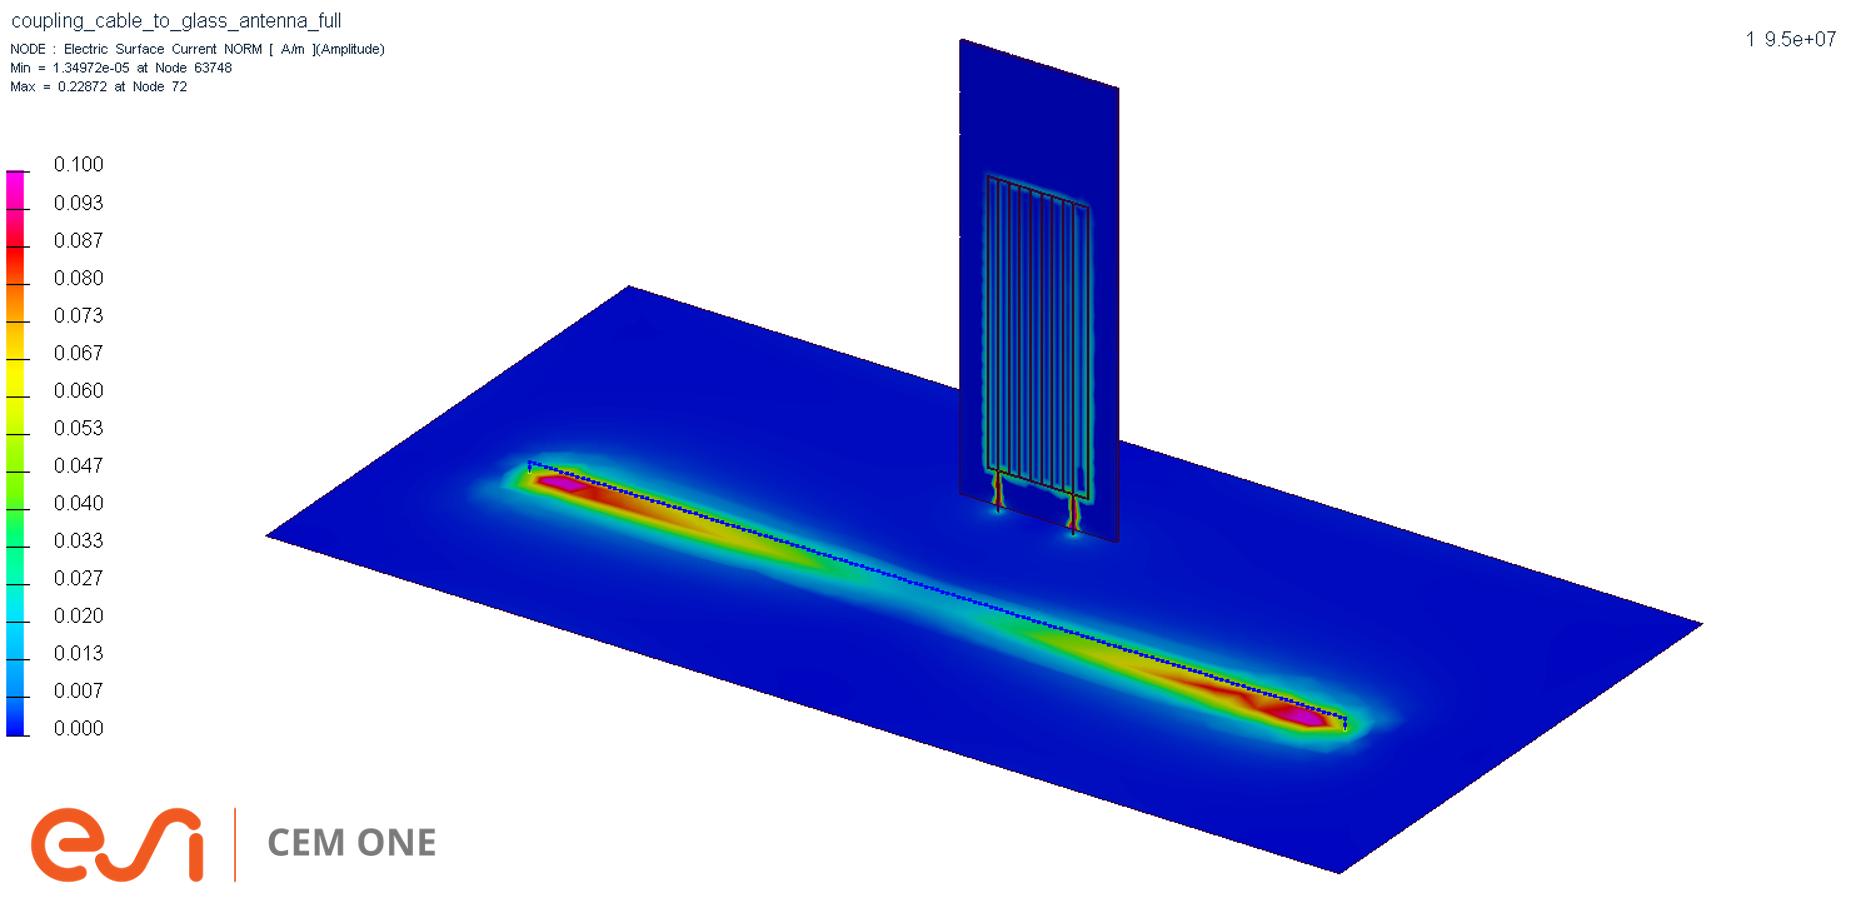 ガラスアンテナ簡易モデル化機能